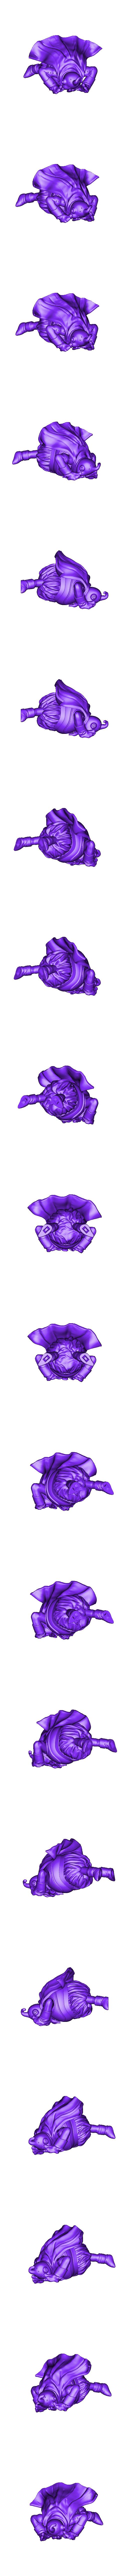 Fat_Buu_-_Full.stl Télécharger fichier STL gratuit Fat Buu - Dragon Ball • Plan imprimable en 3D, BODY3D